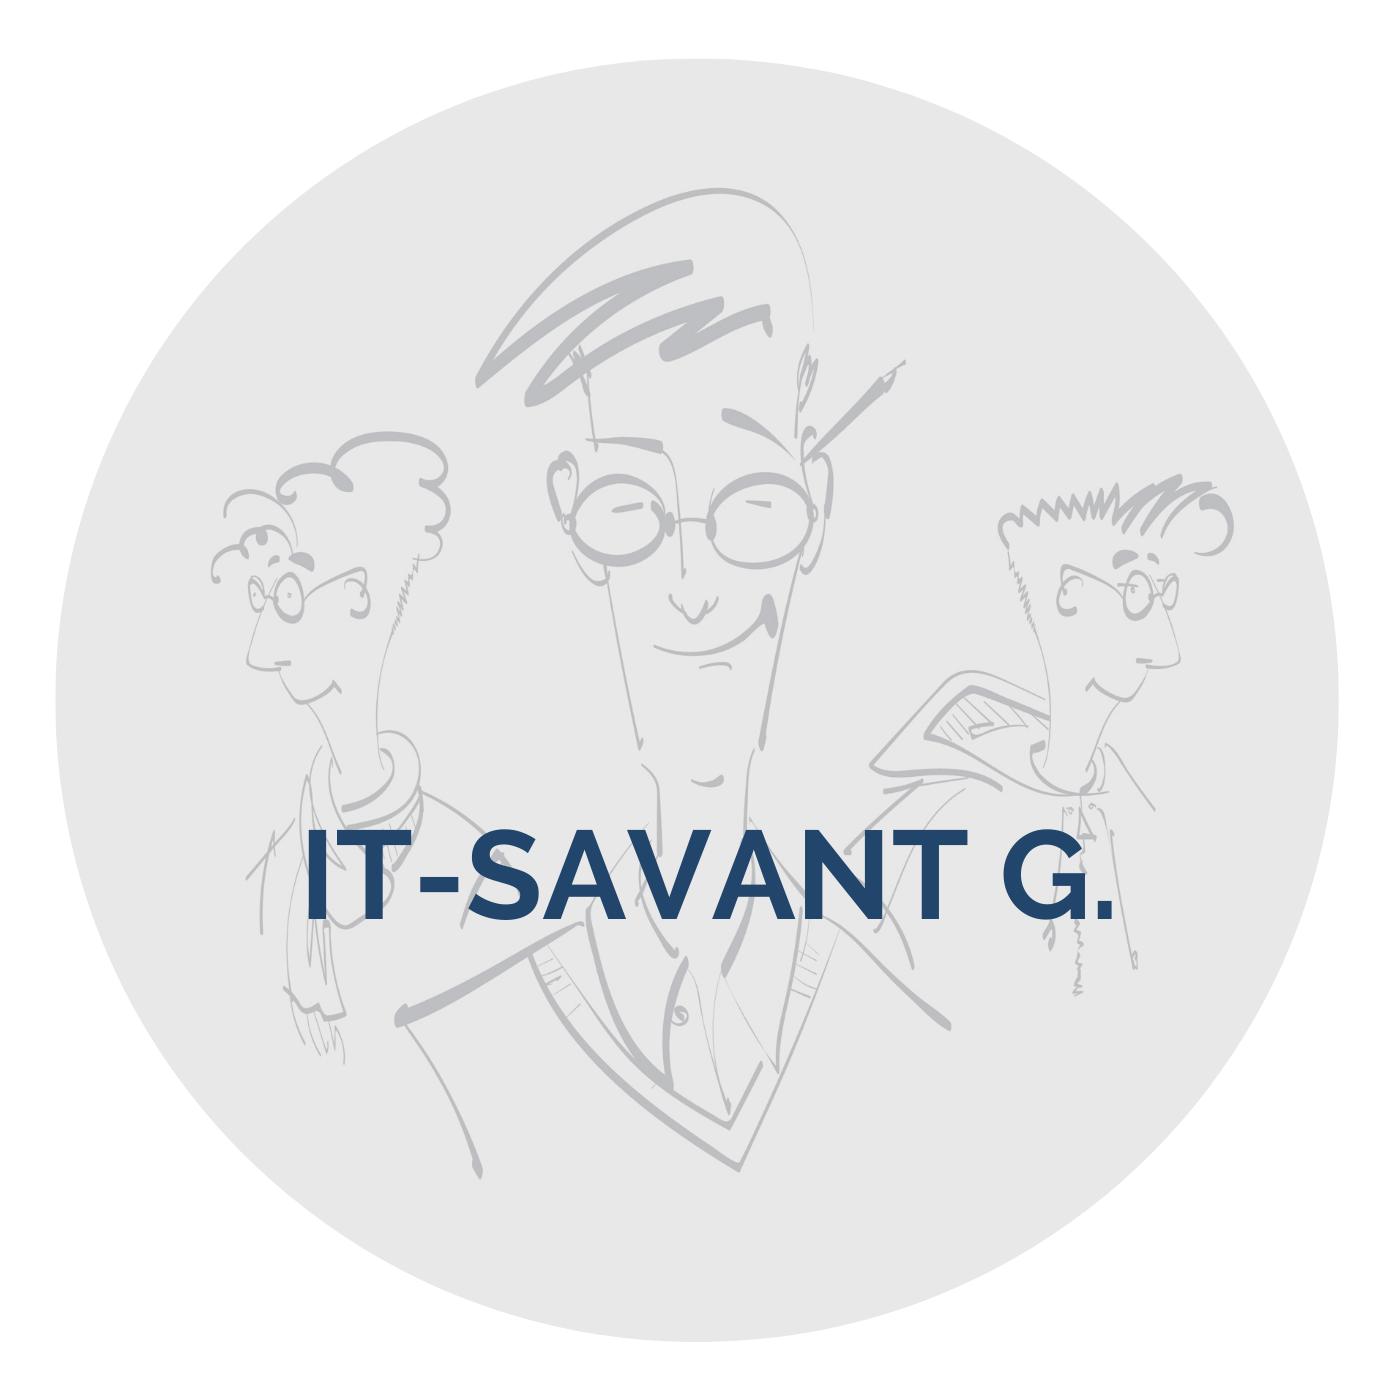 Ит-савант групп